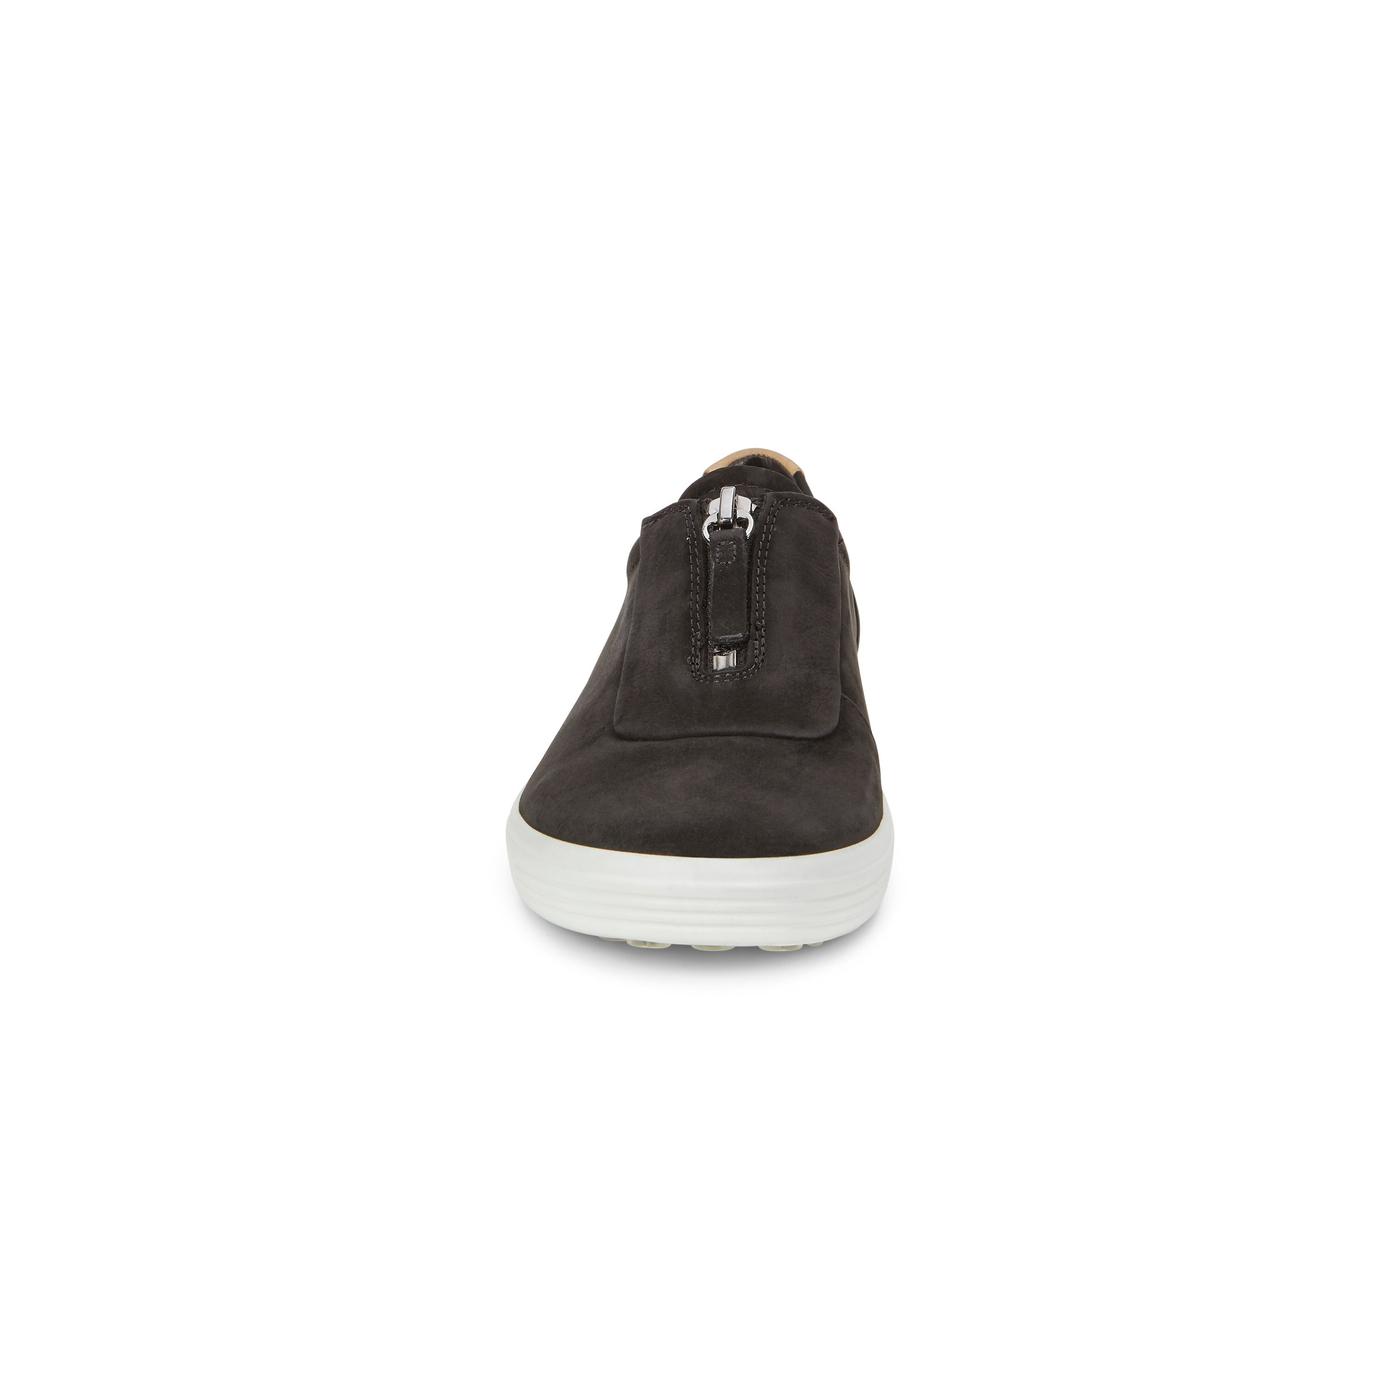 e34f73c489 ECCO Womens Soft 7 Zip | Women's Shoes | ECCO® Shoes